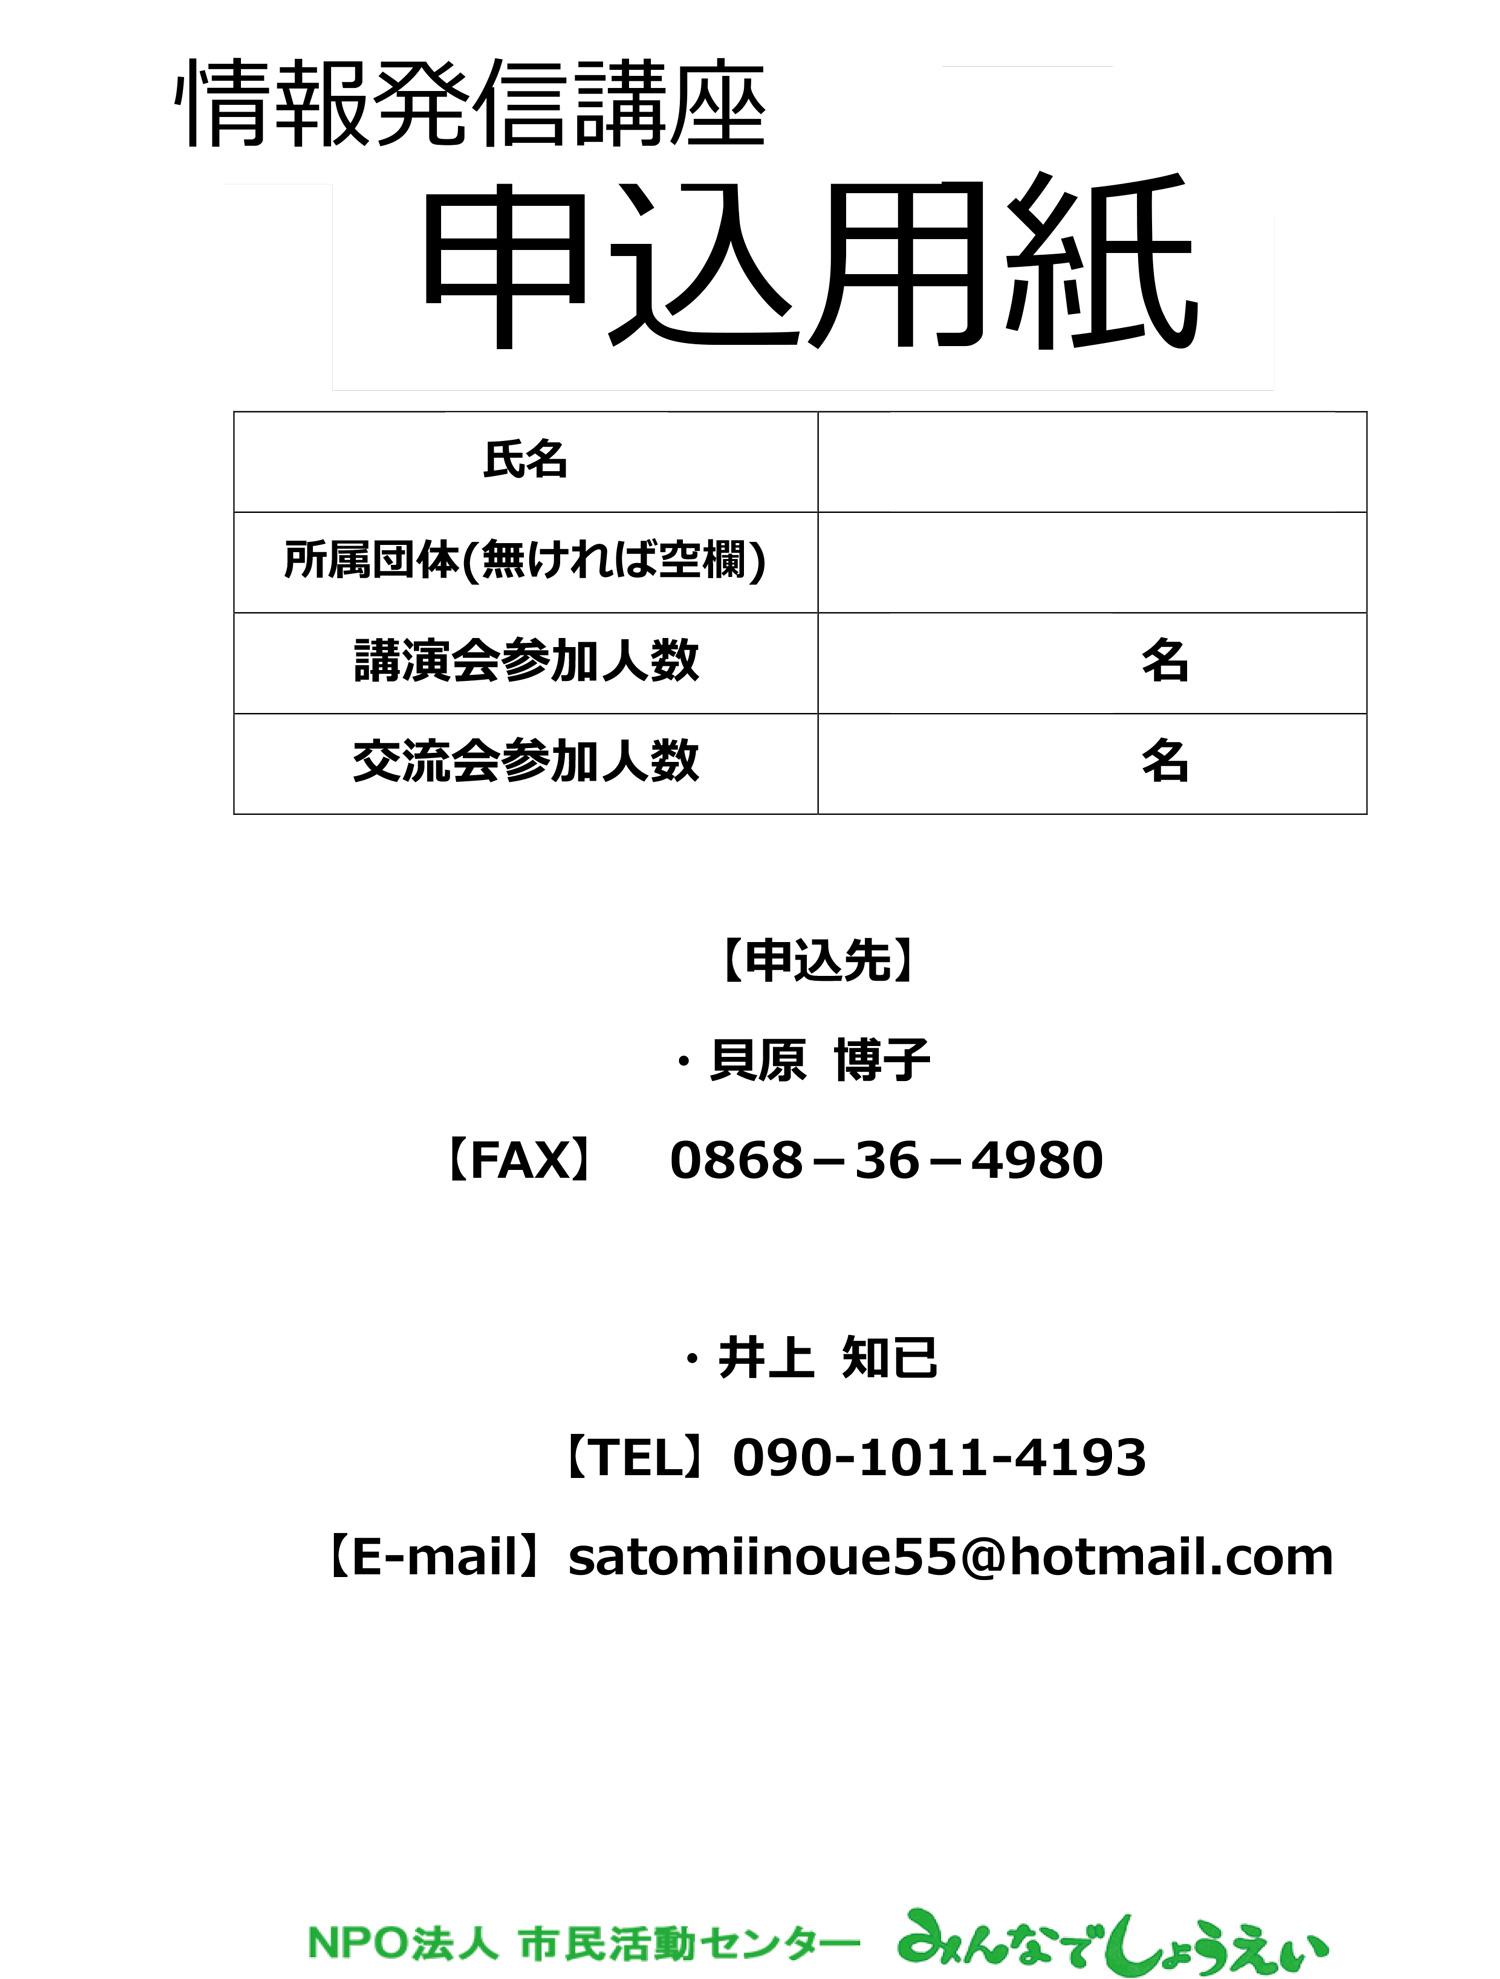 【最新】NPOエンパワ会員配布用チラシ石原加筆-2